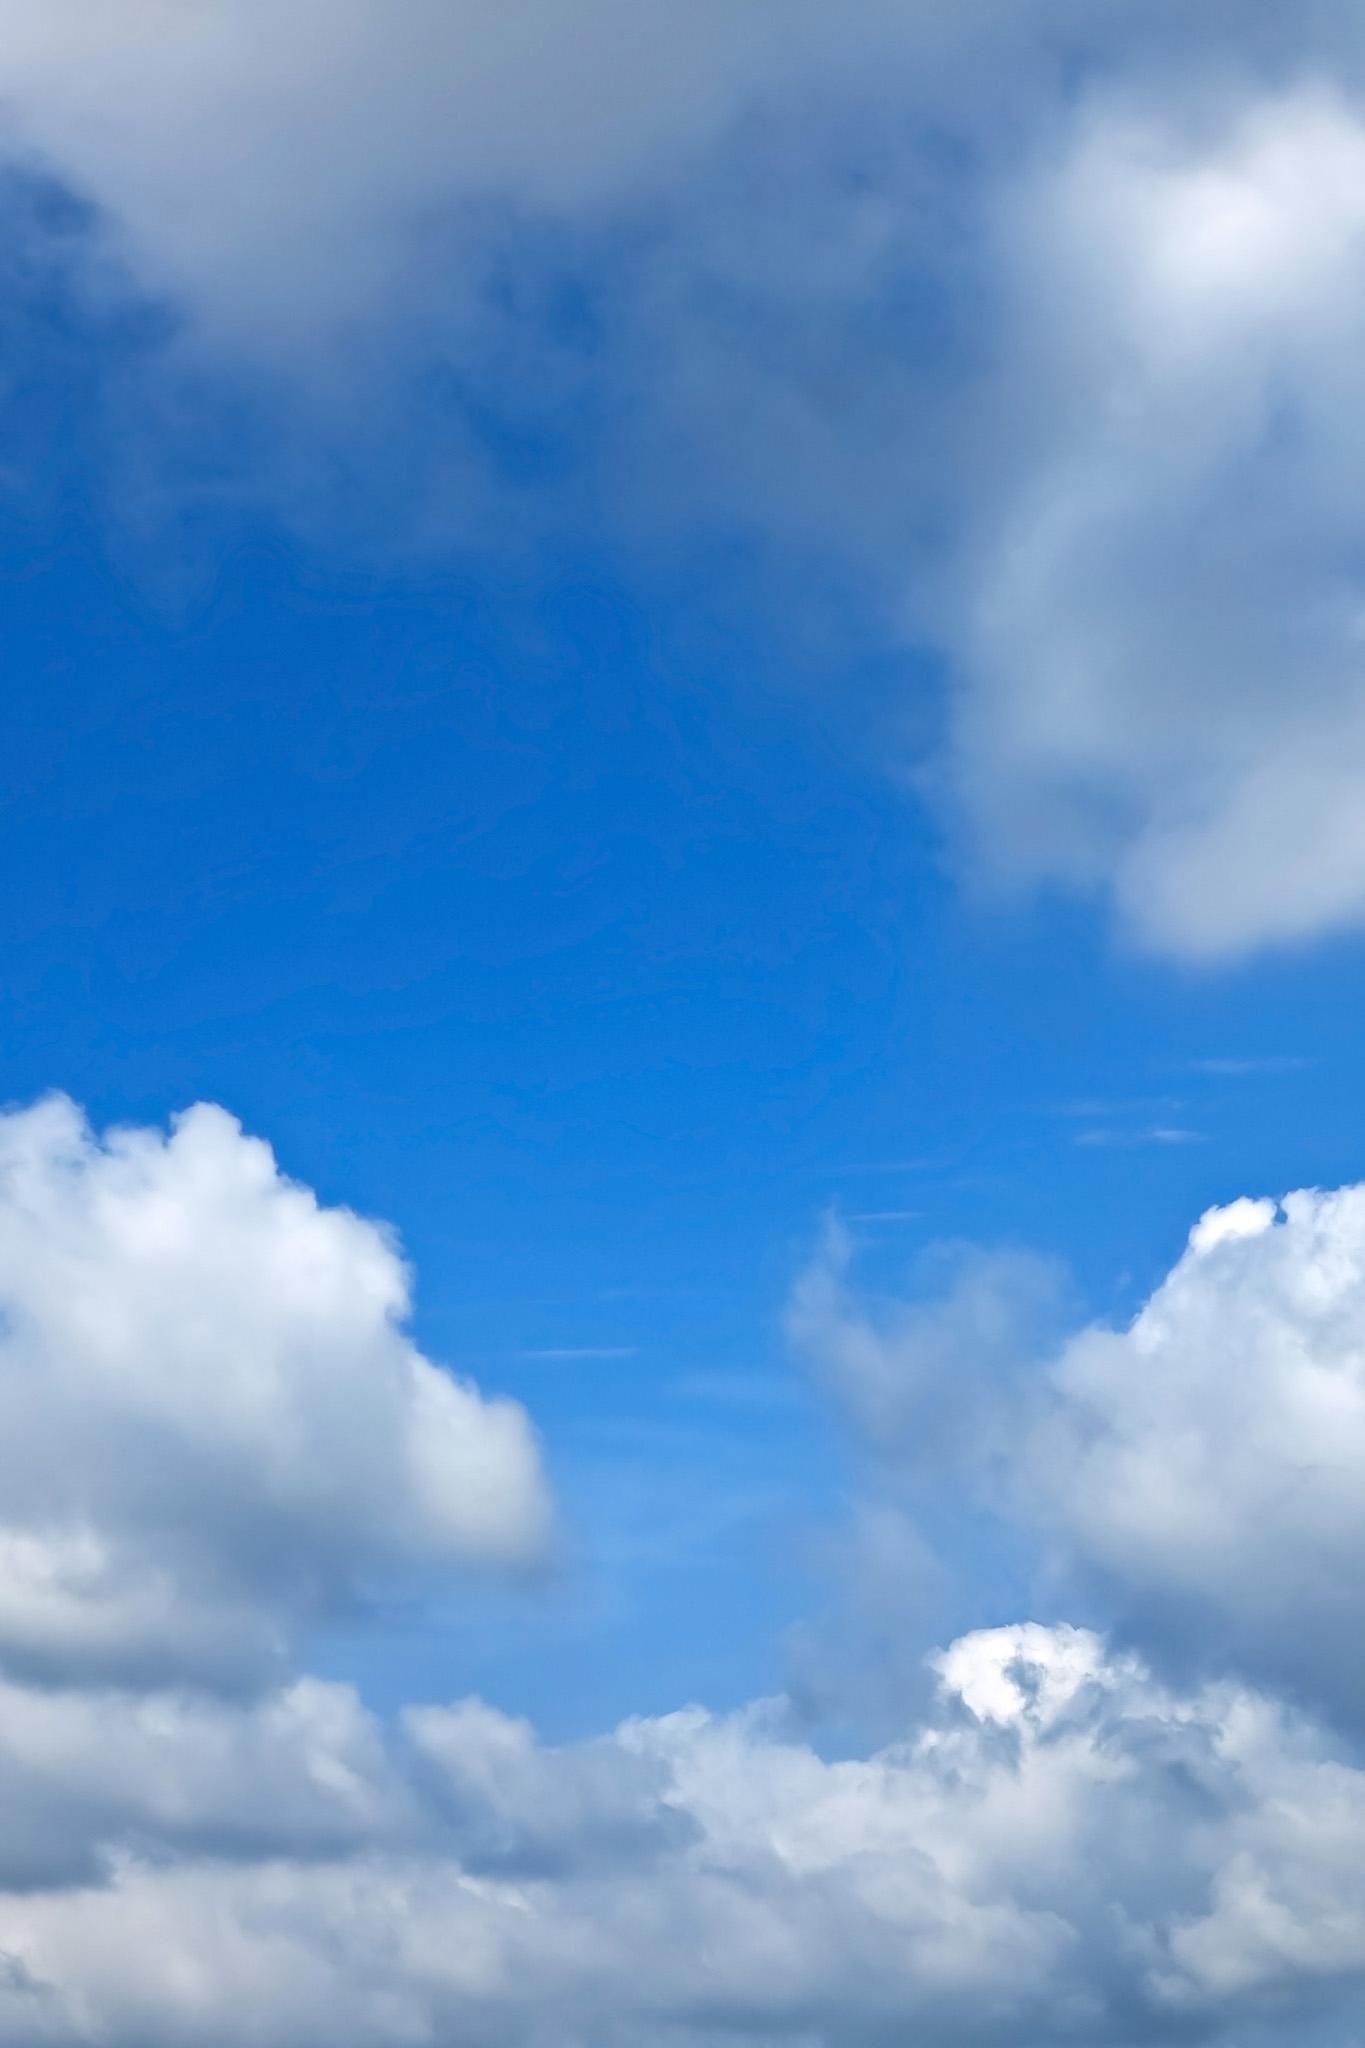 「青空が見える密雲の隙間」の画像を無料ダウンロード